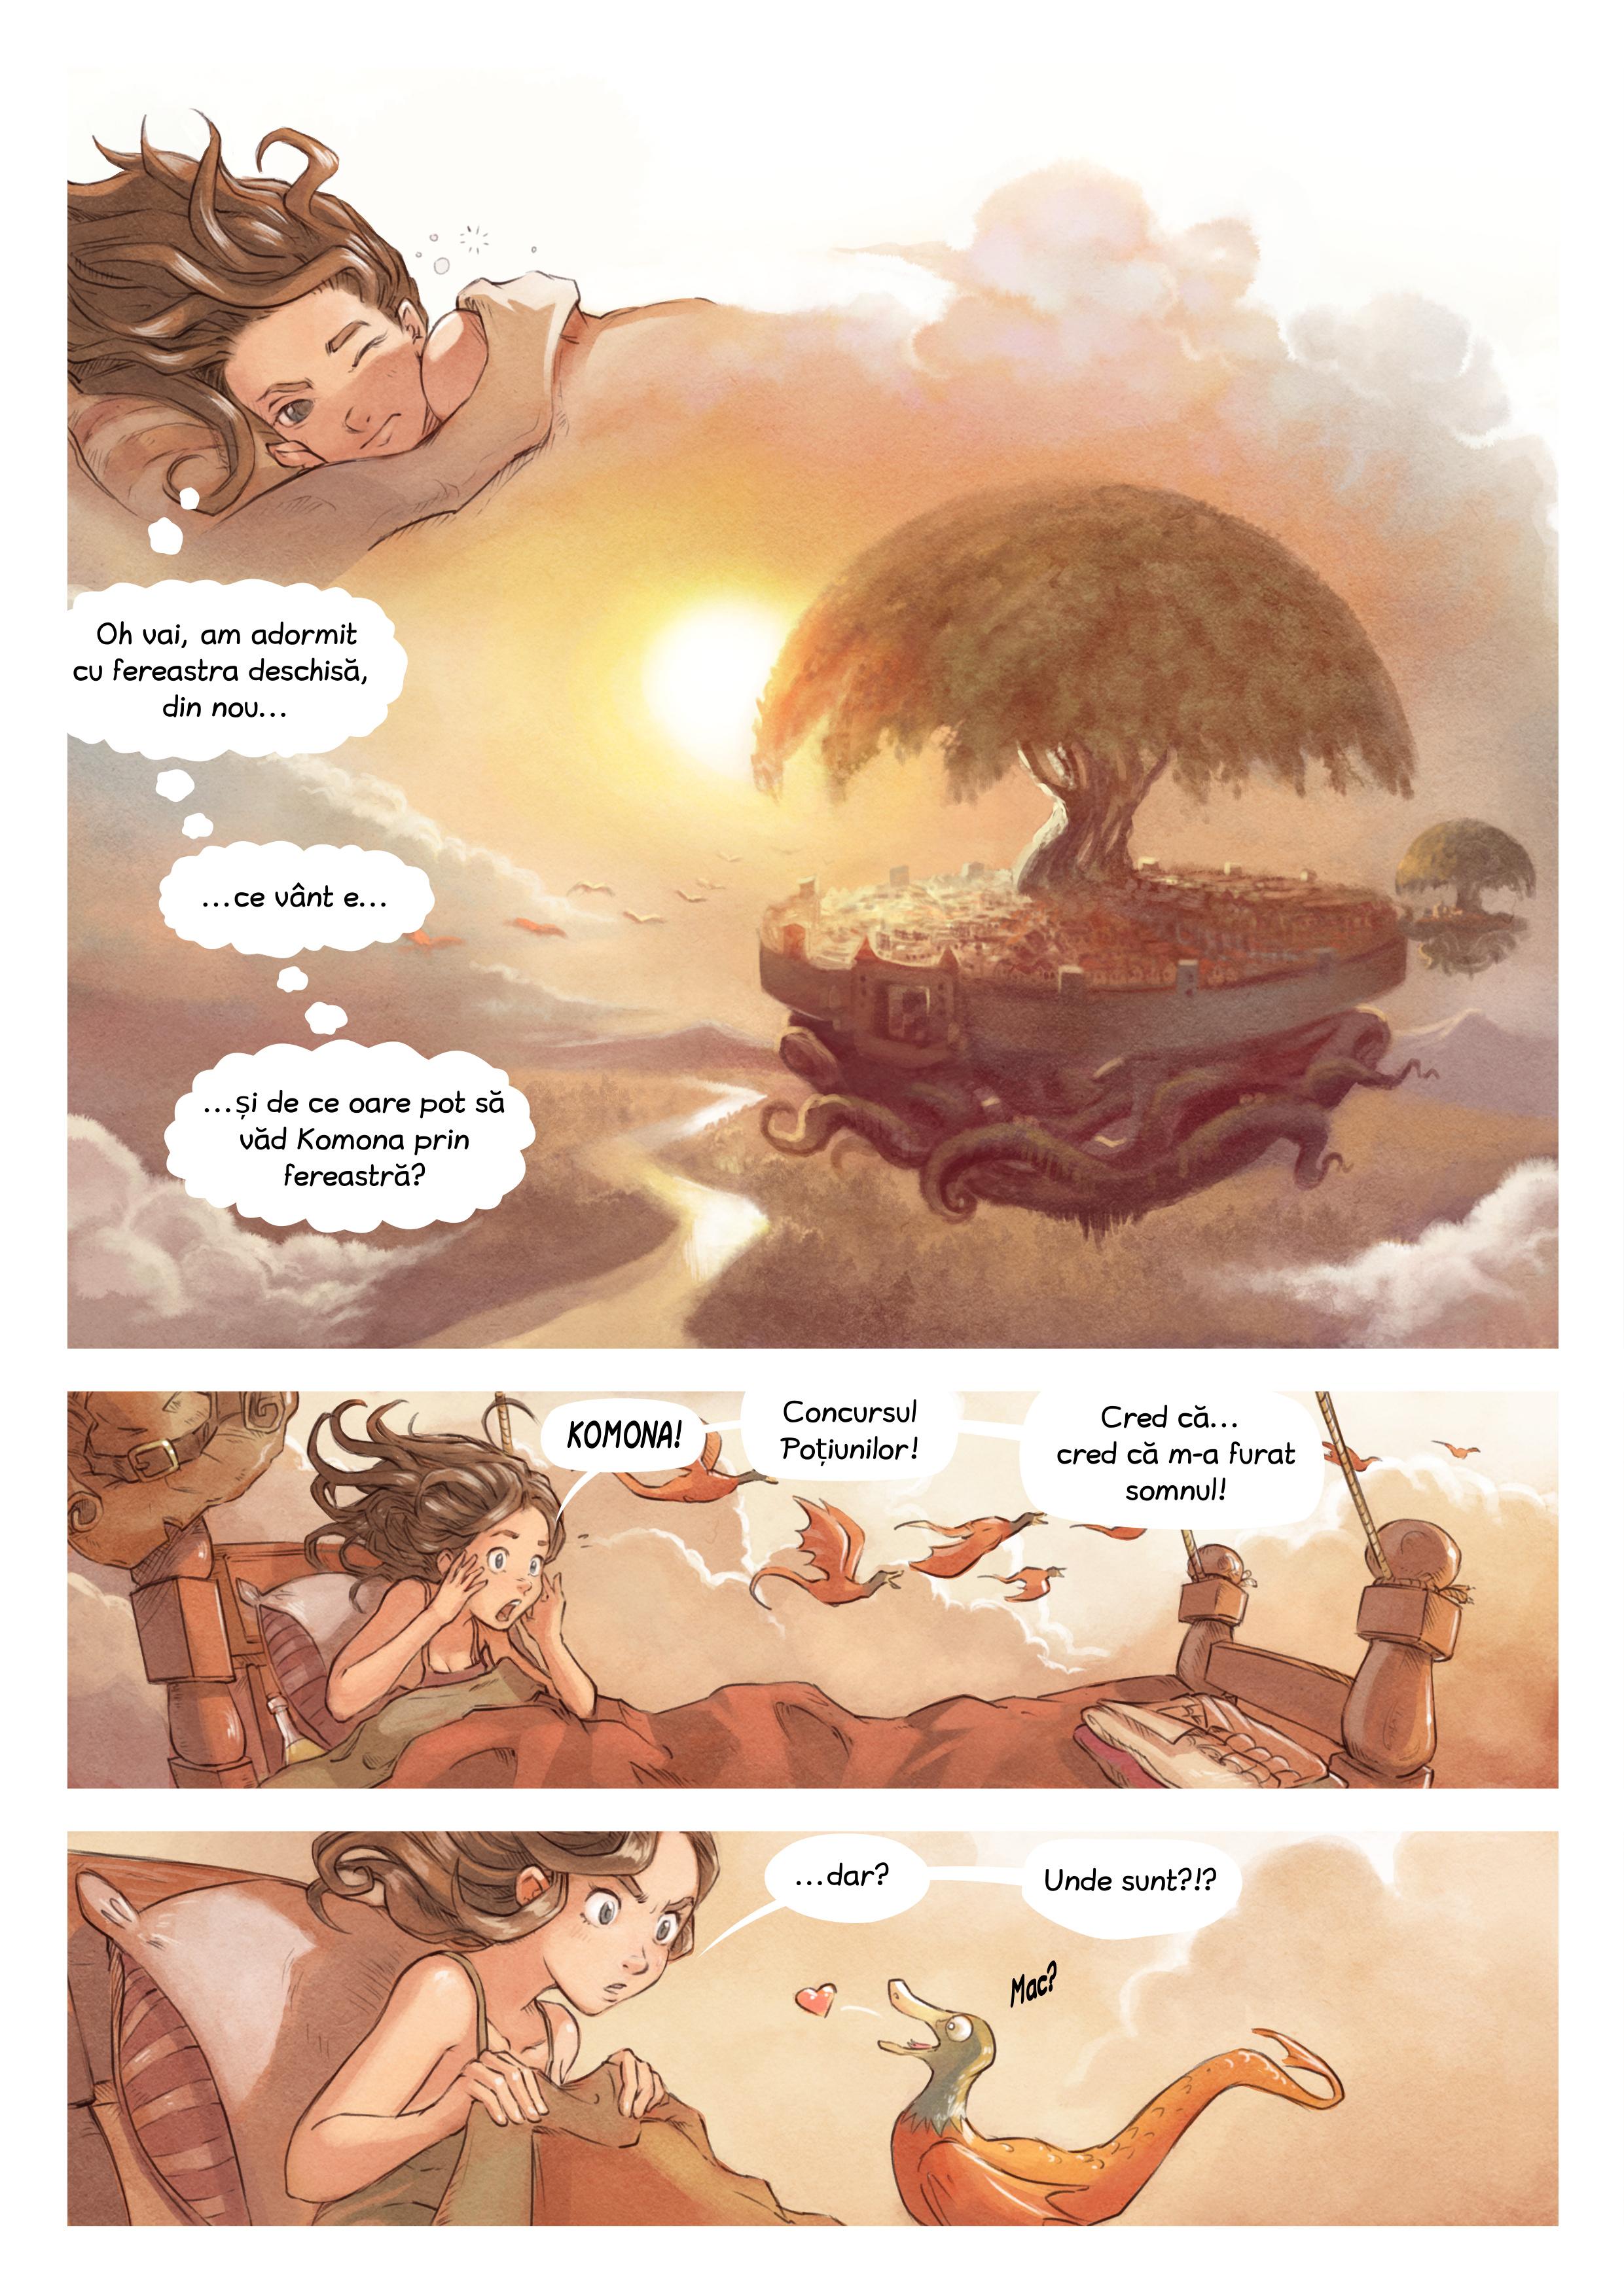 Episodul 6: Concursul Poțiunilor, Page 1